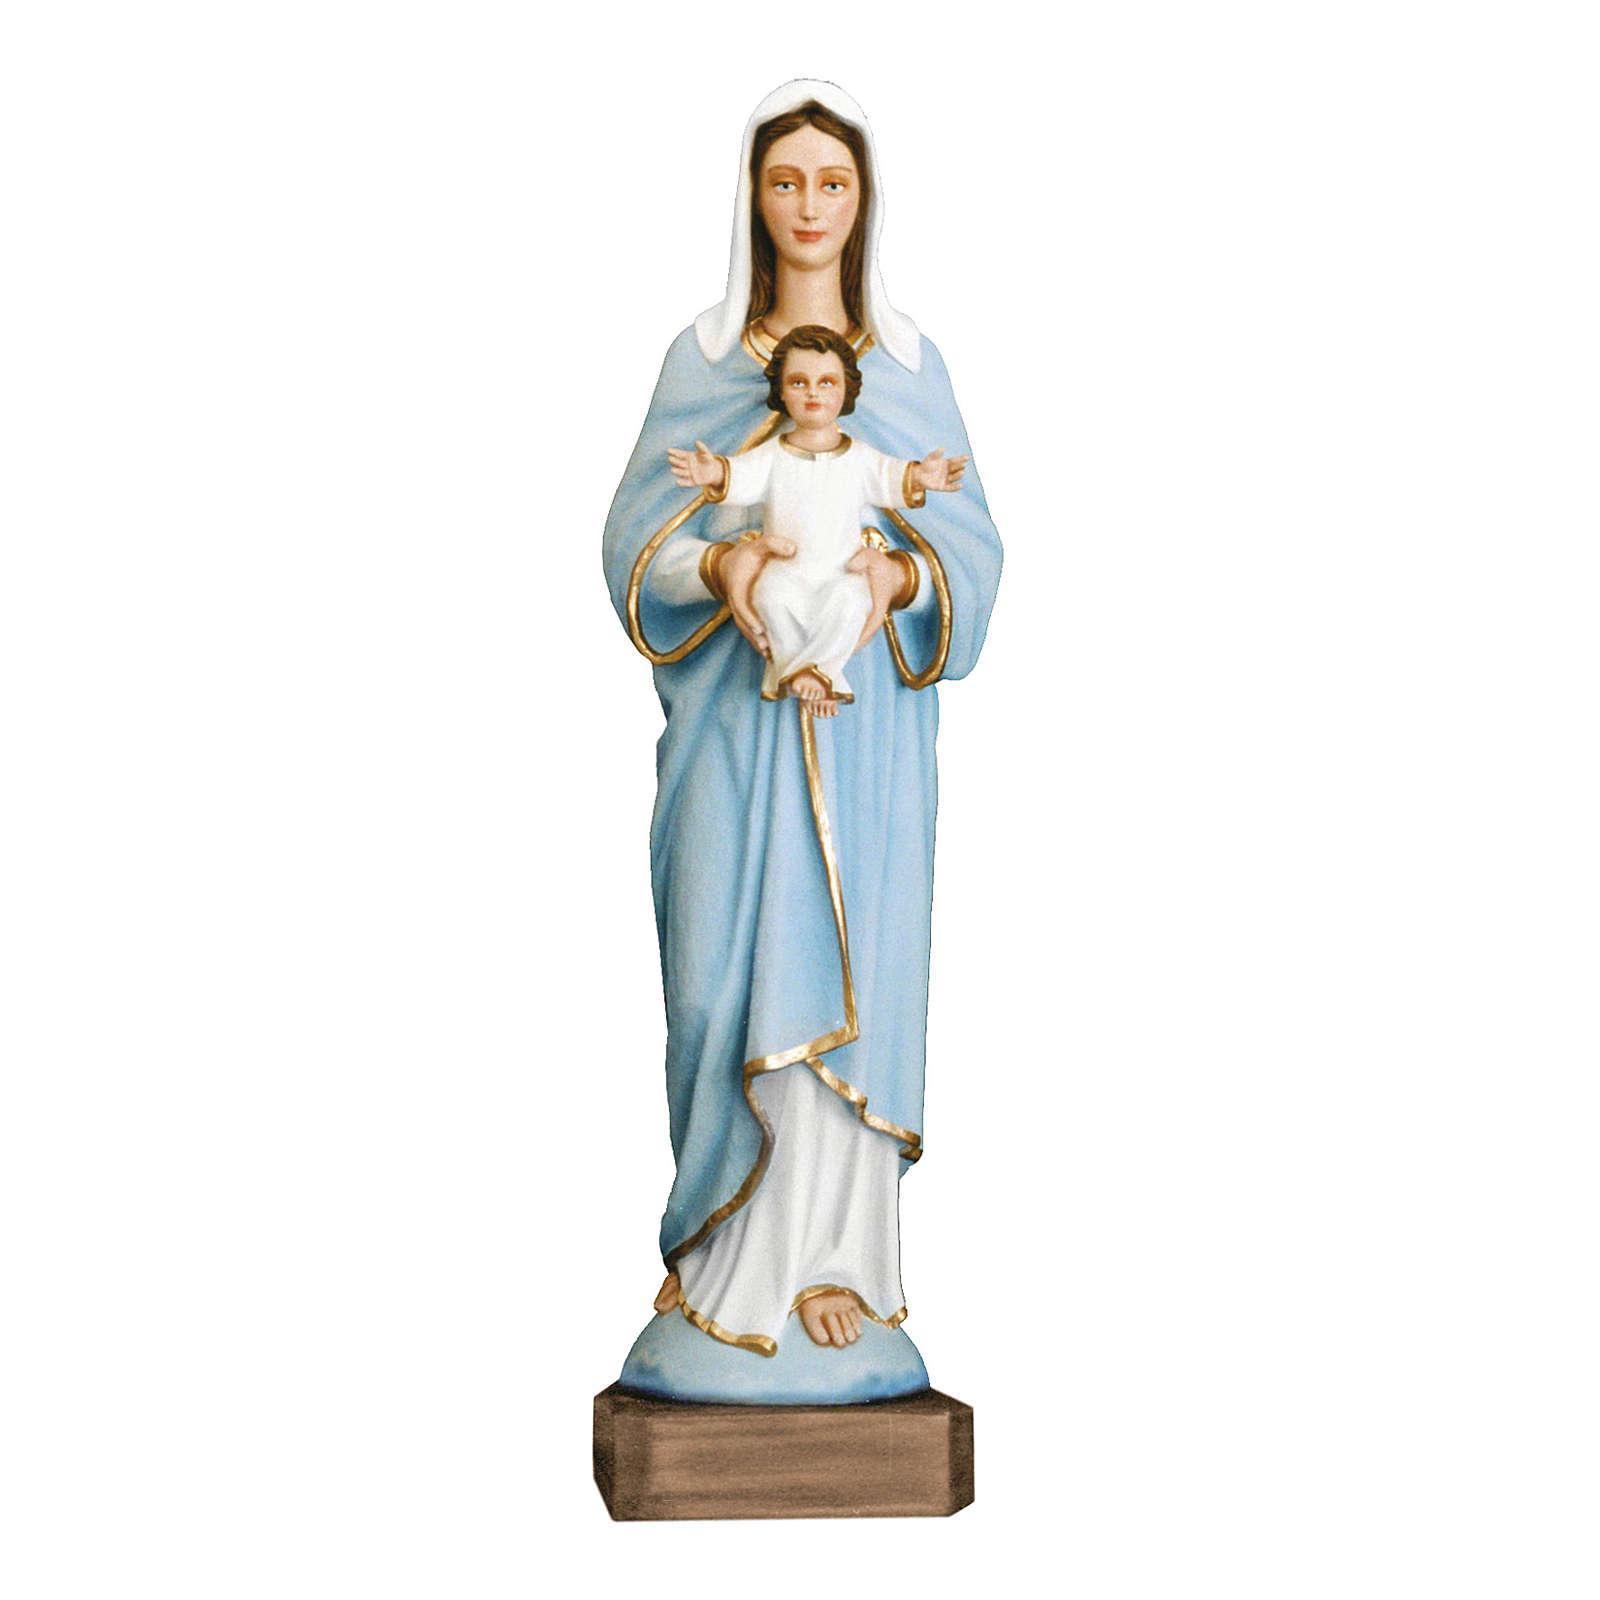 Estatua Virgen con niño 110 cm fiberglass pintado PARA EXTERIOR 4